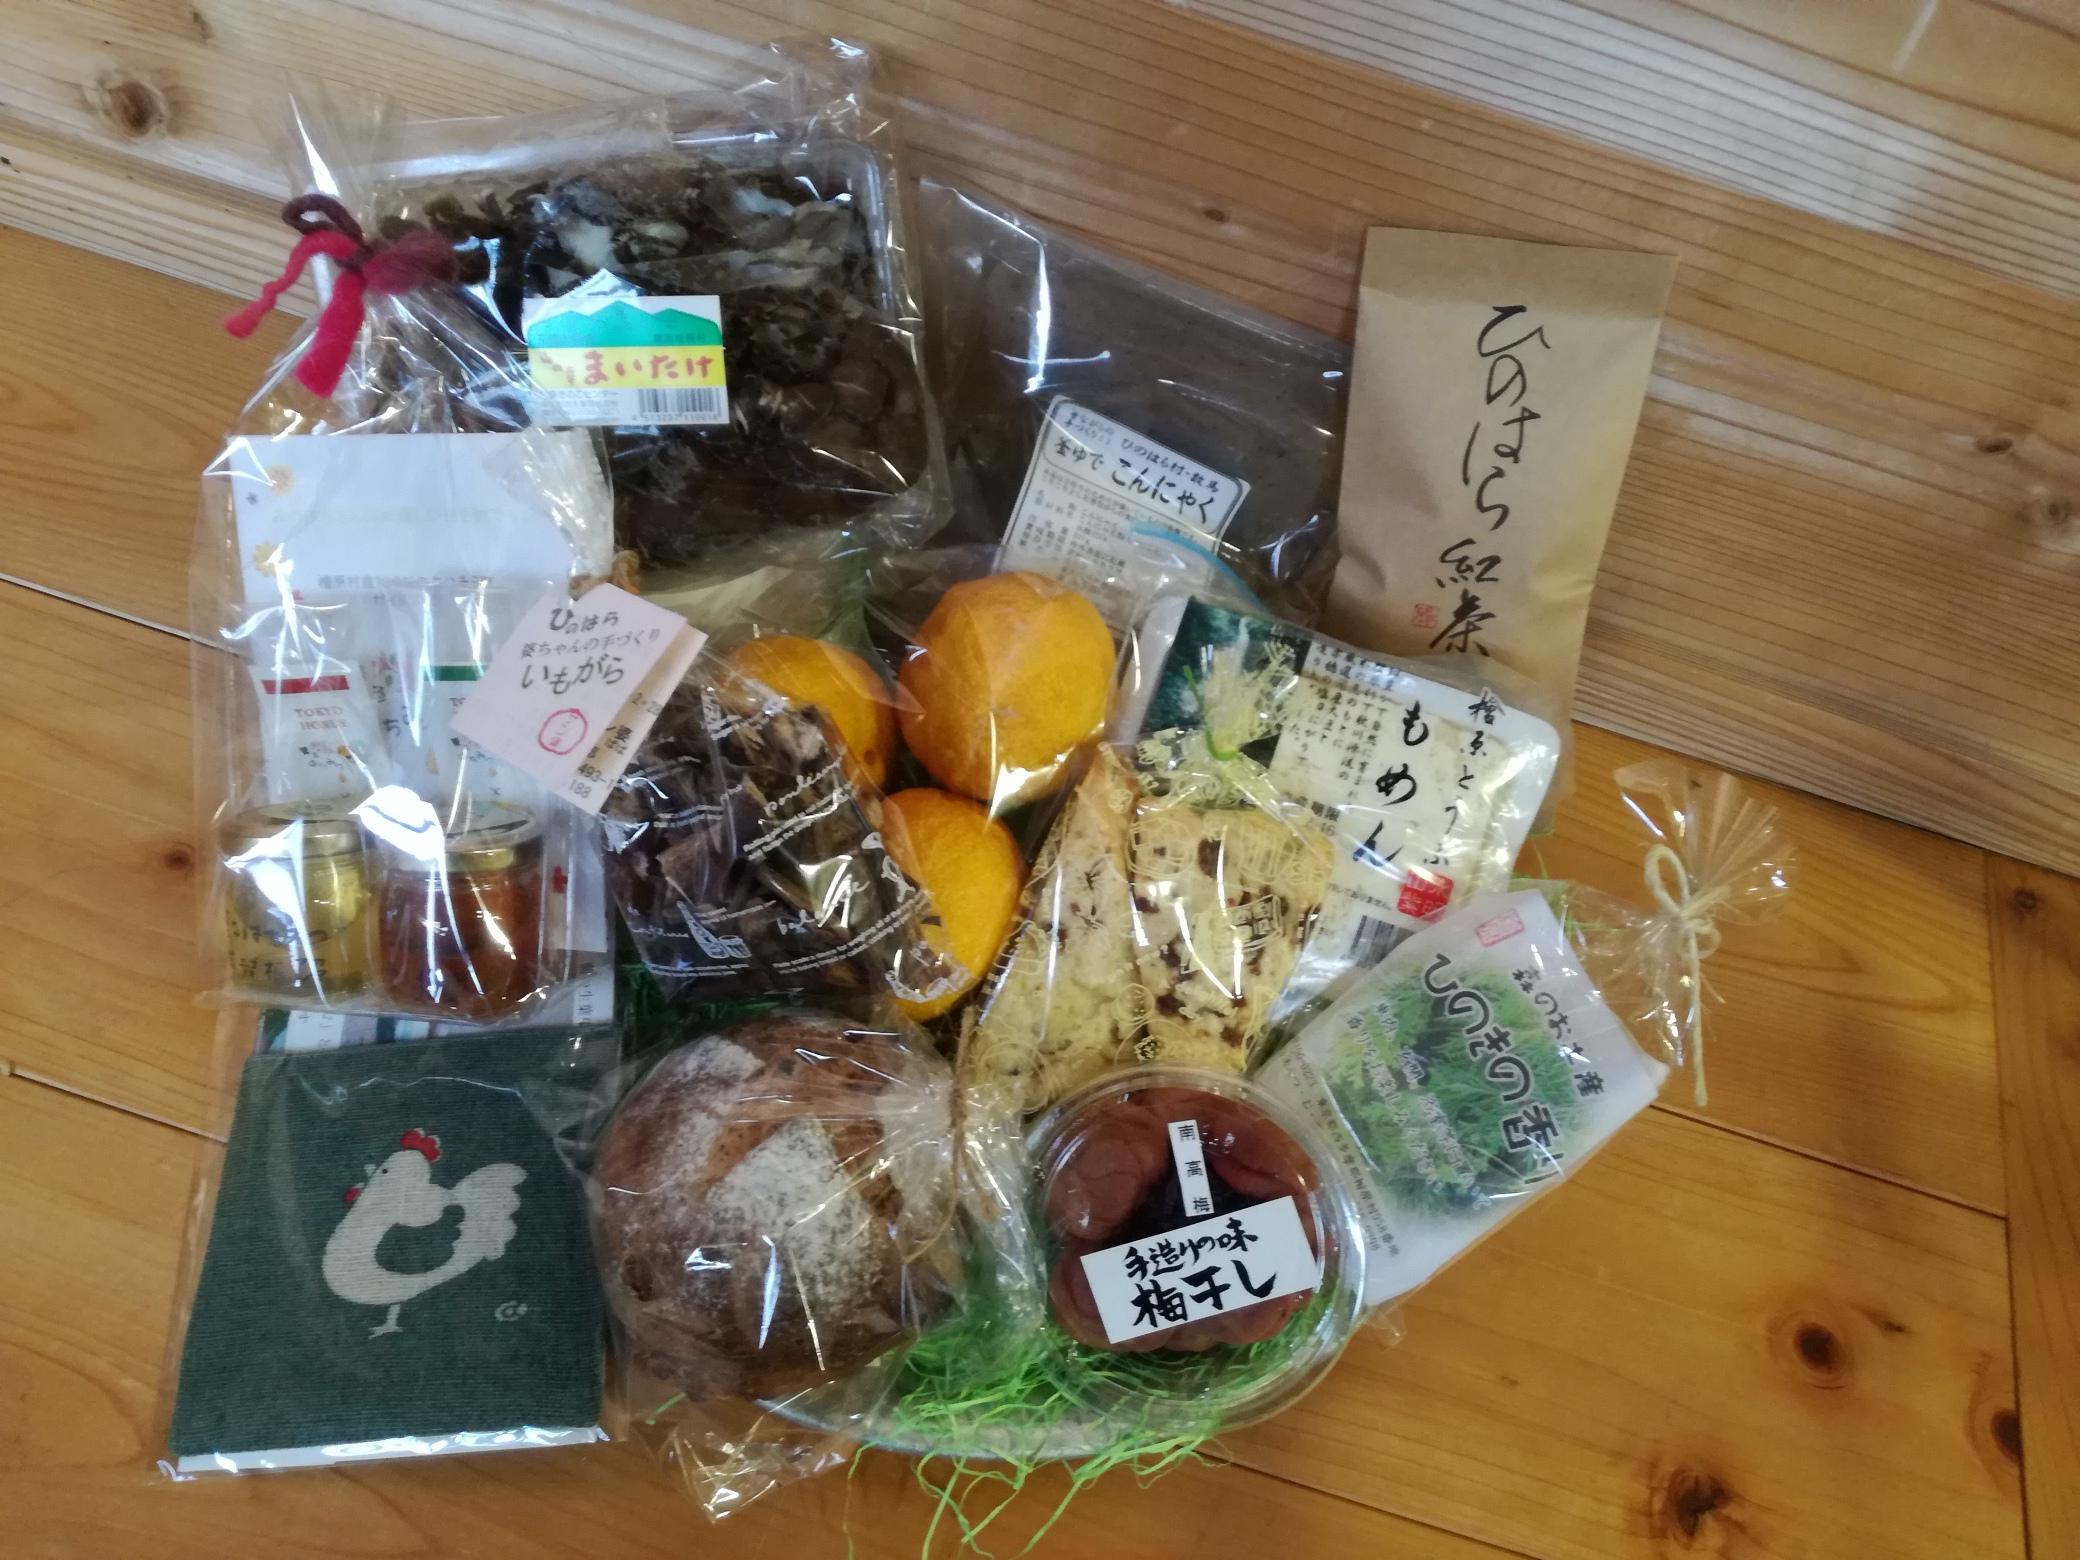 檜原村ふるさと小包(5,000円相当)+「数馬の湯」無料招待券(1枚)